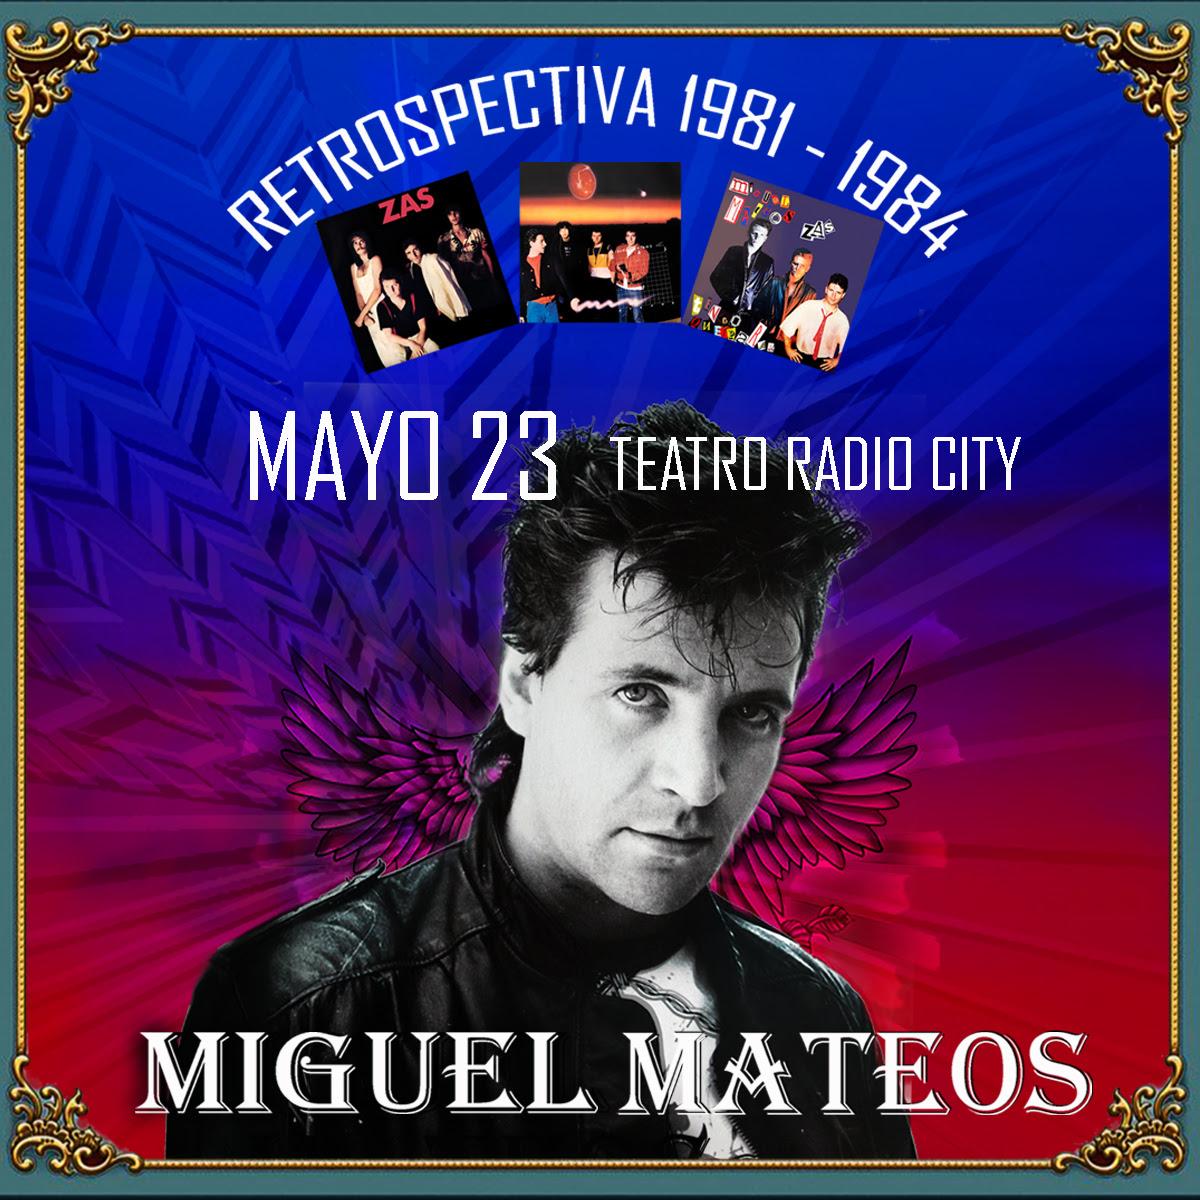 """Miguel Mateos vuelve con una """"Retrospectiva"""" musical"""